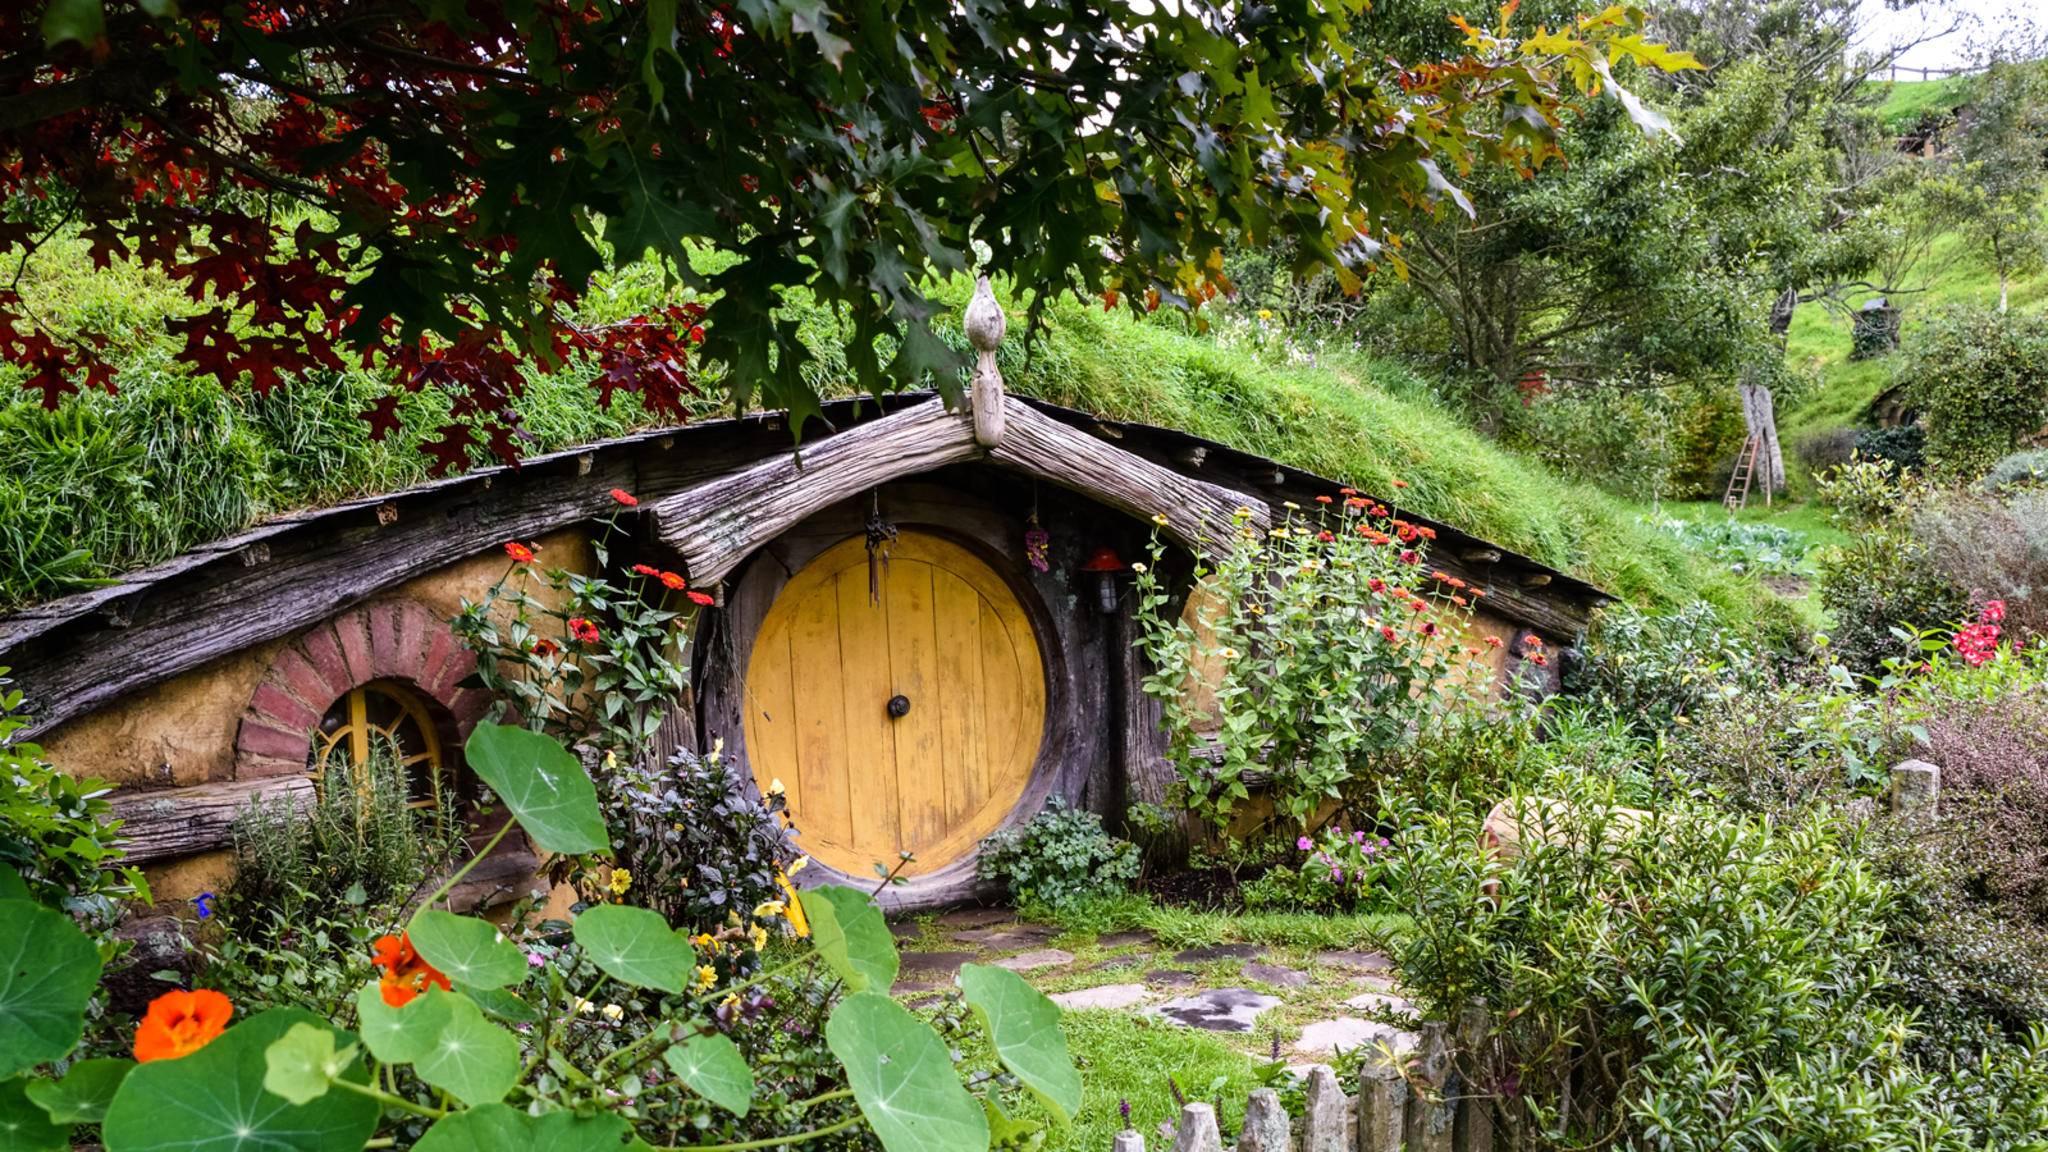 """Die typischen Hobbit-Höhlen können noch heute am """"Herr der Ringe""""-Drehort in Neuseeland besucht werden."""